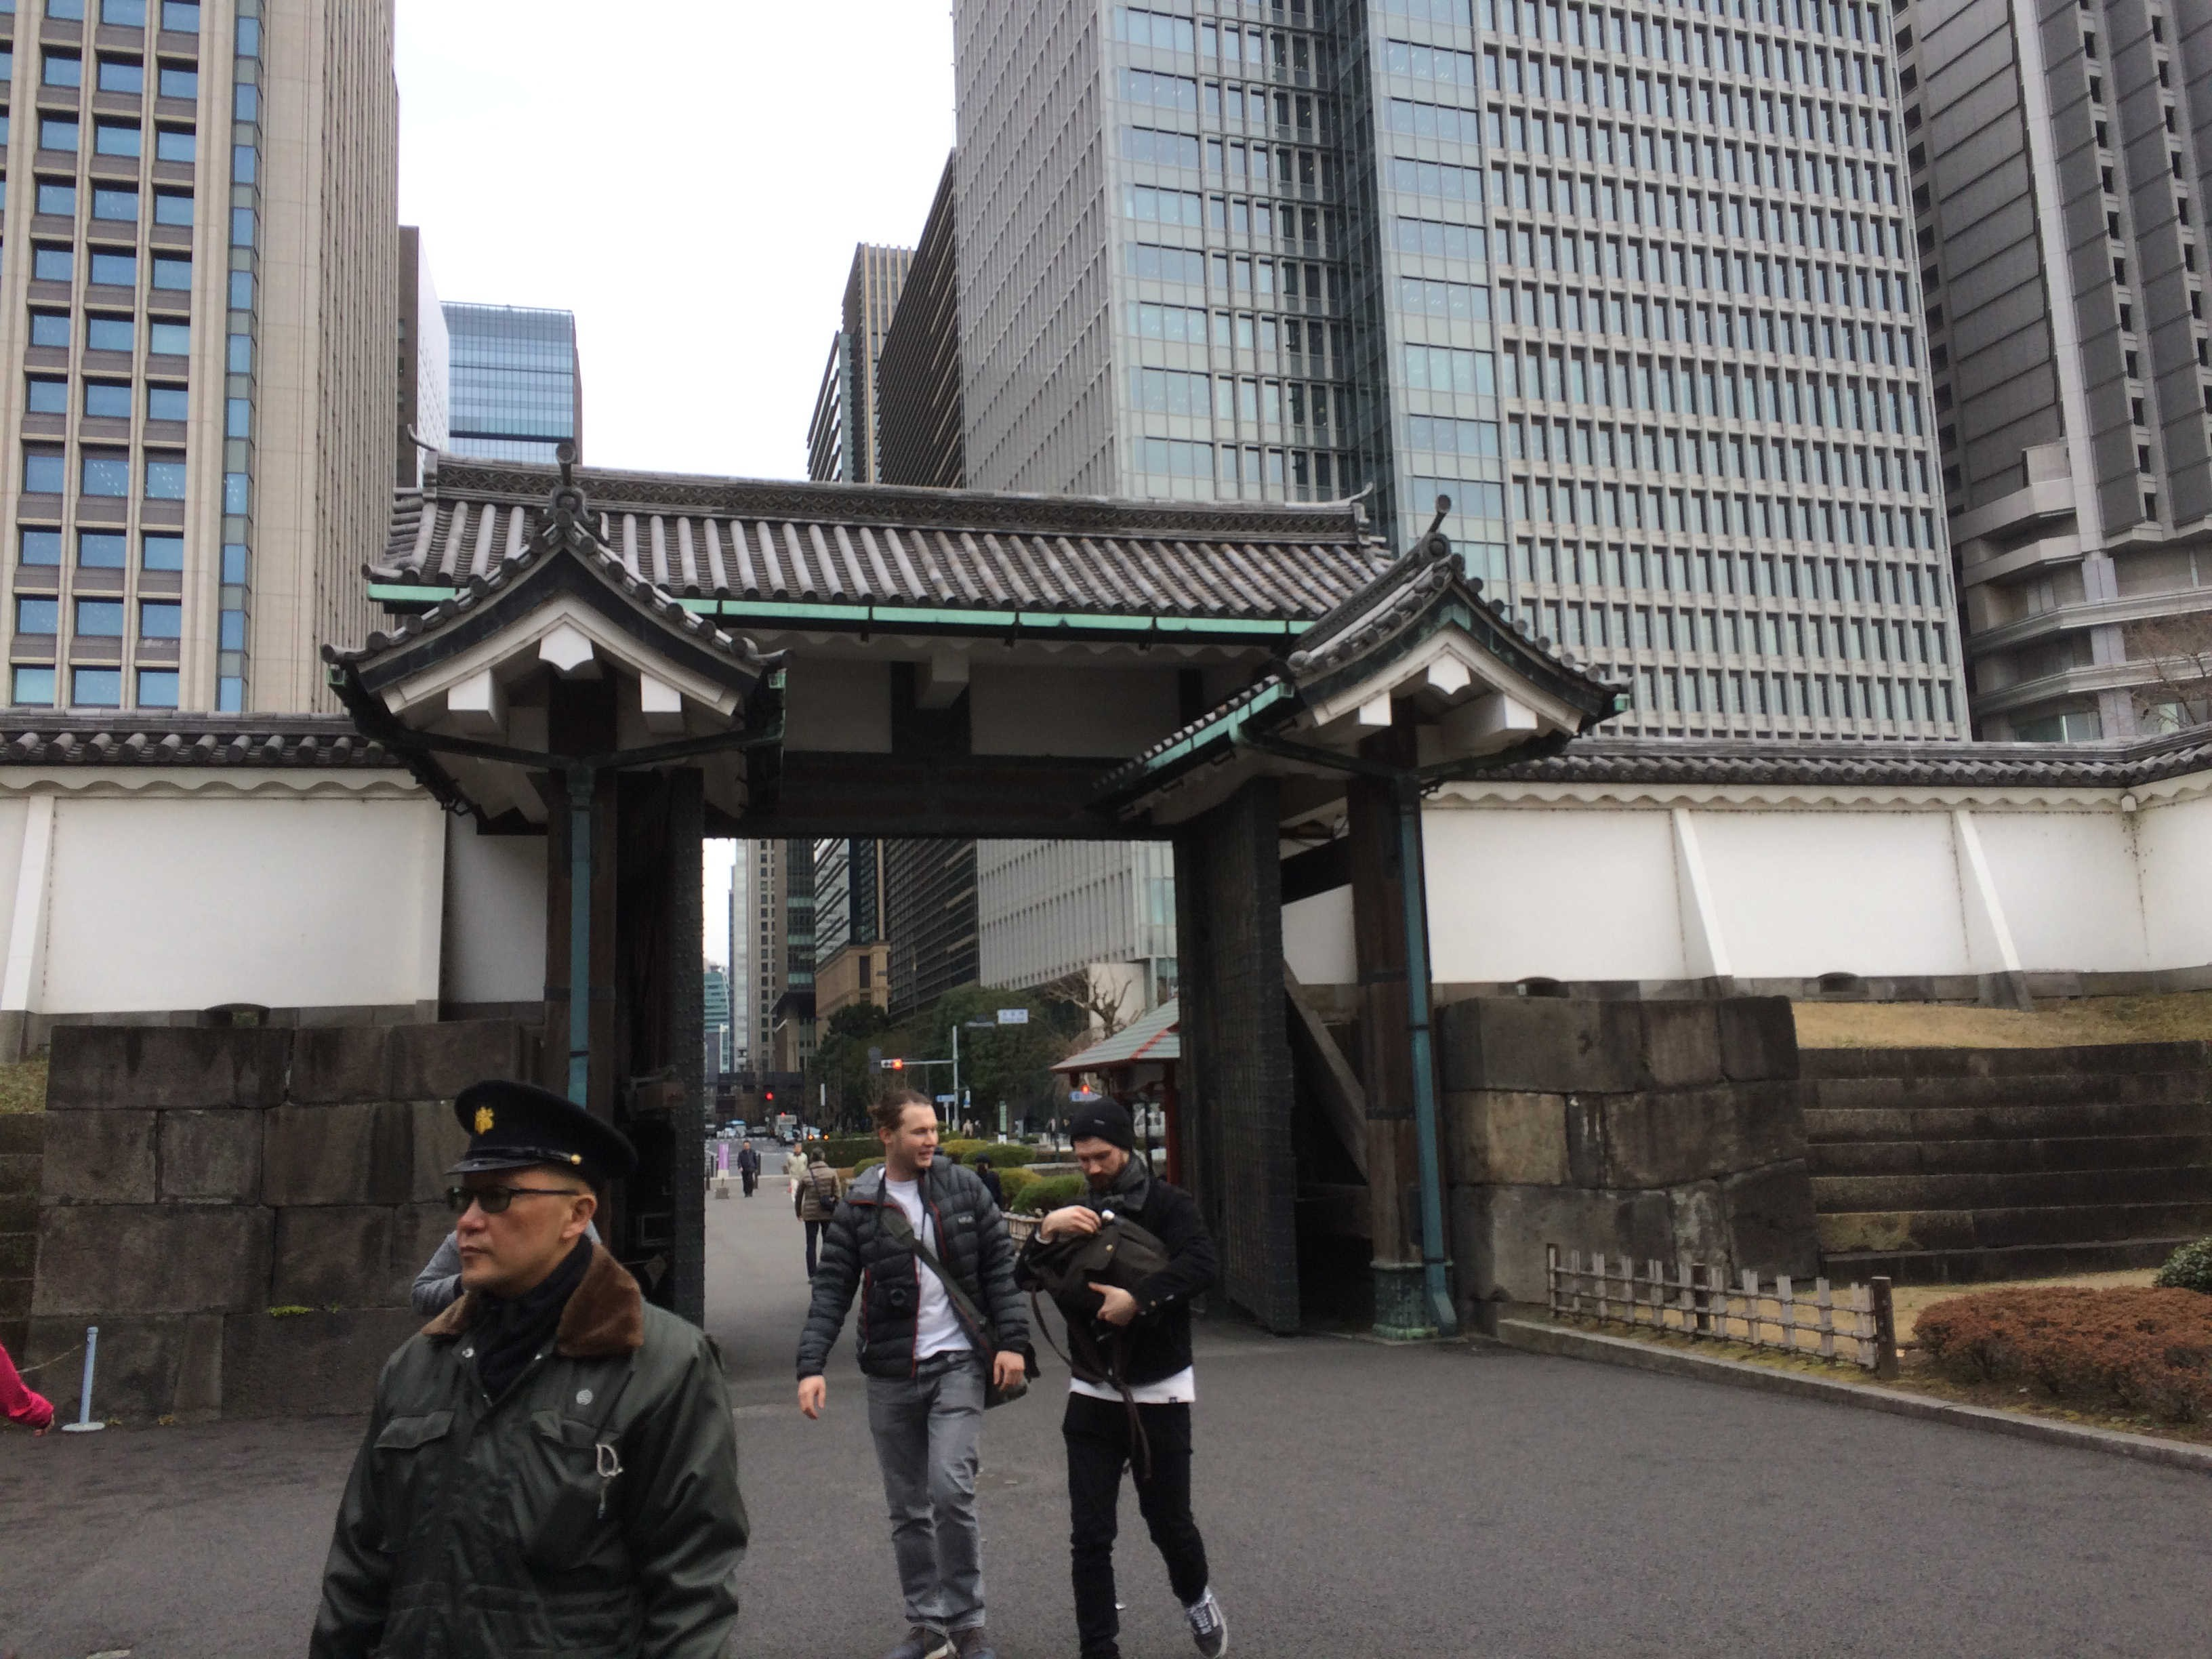 江戸城大手門(皇居東御苑)